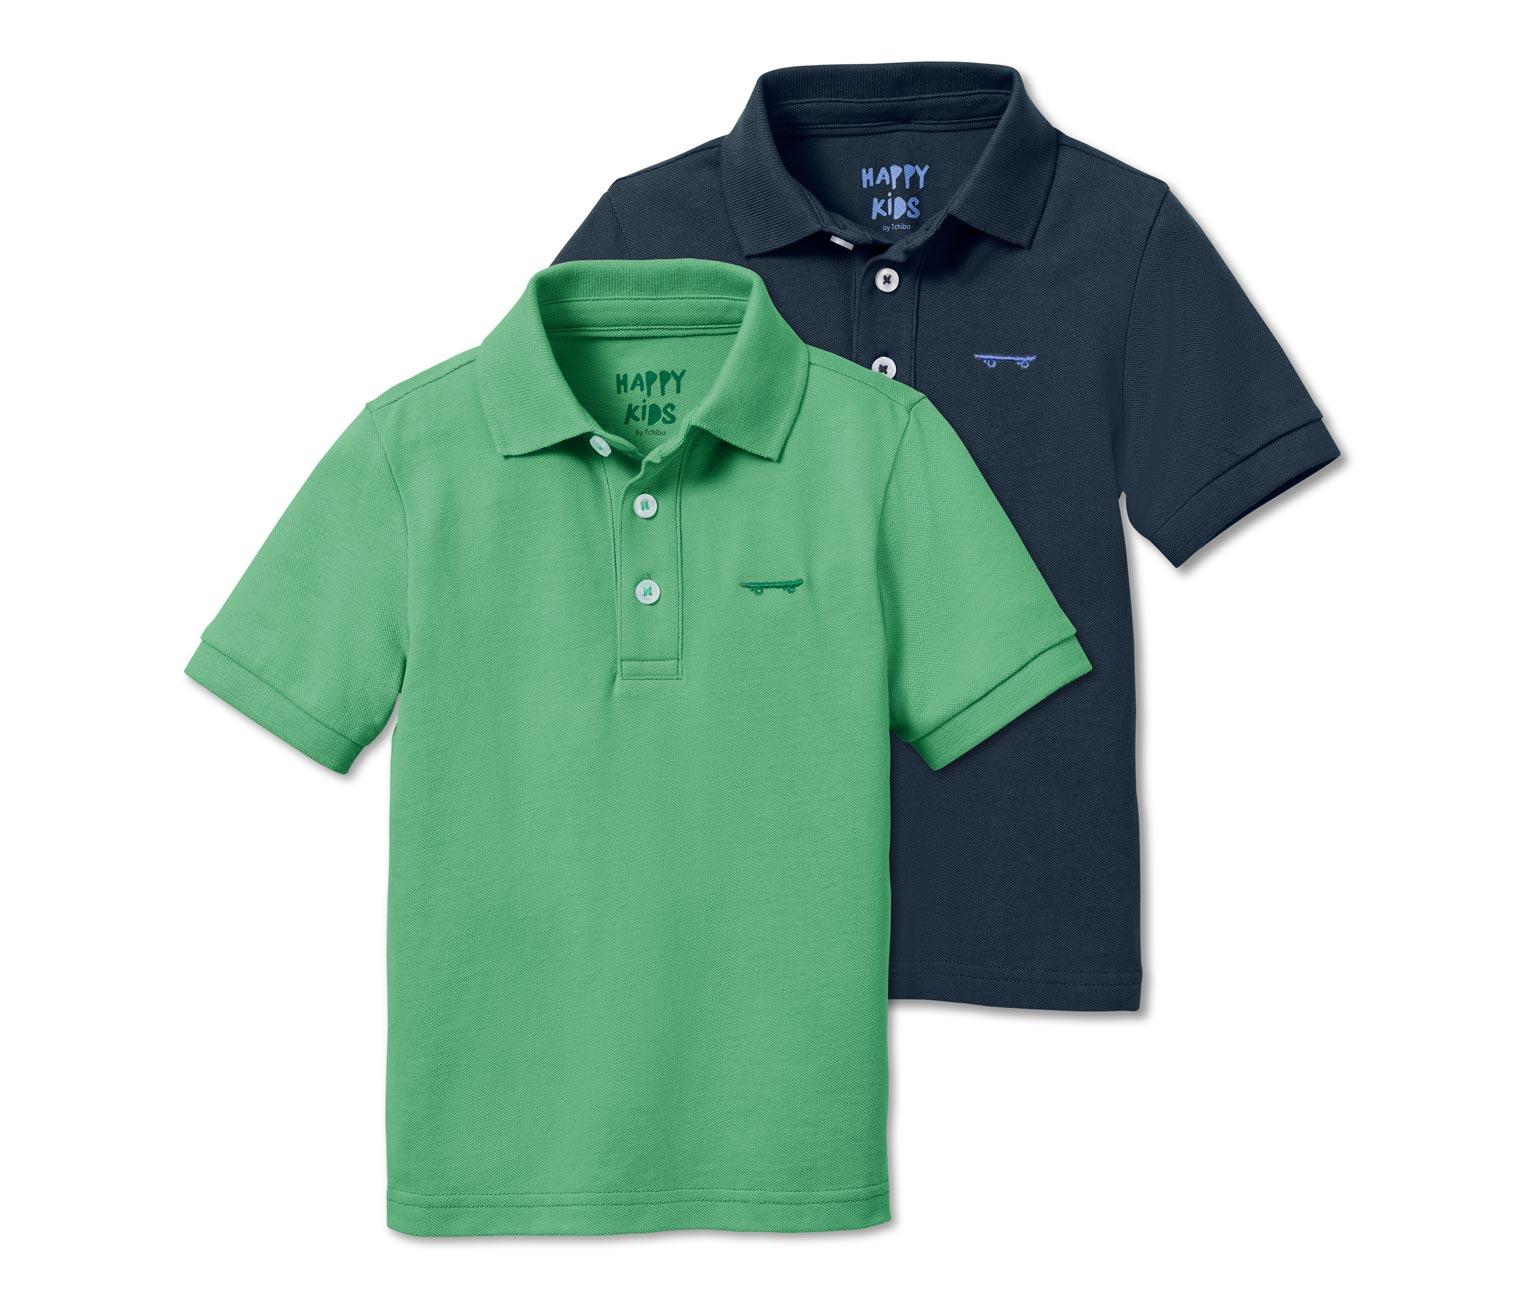 zwei Poloshirts in grün und blau